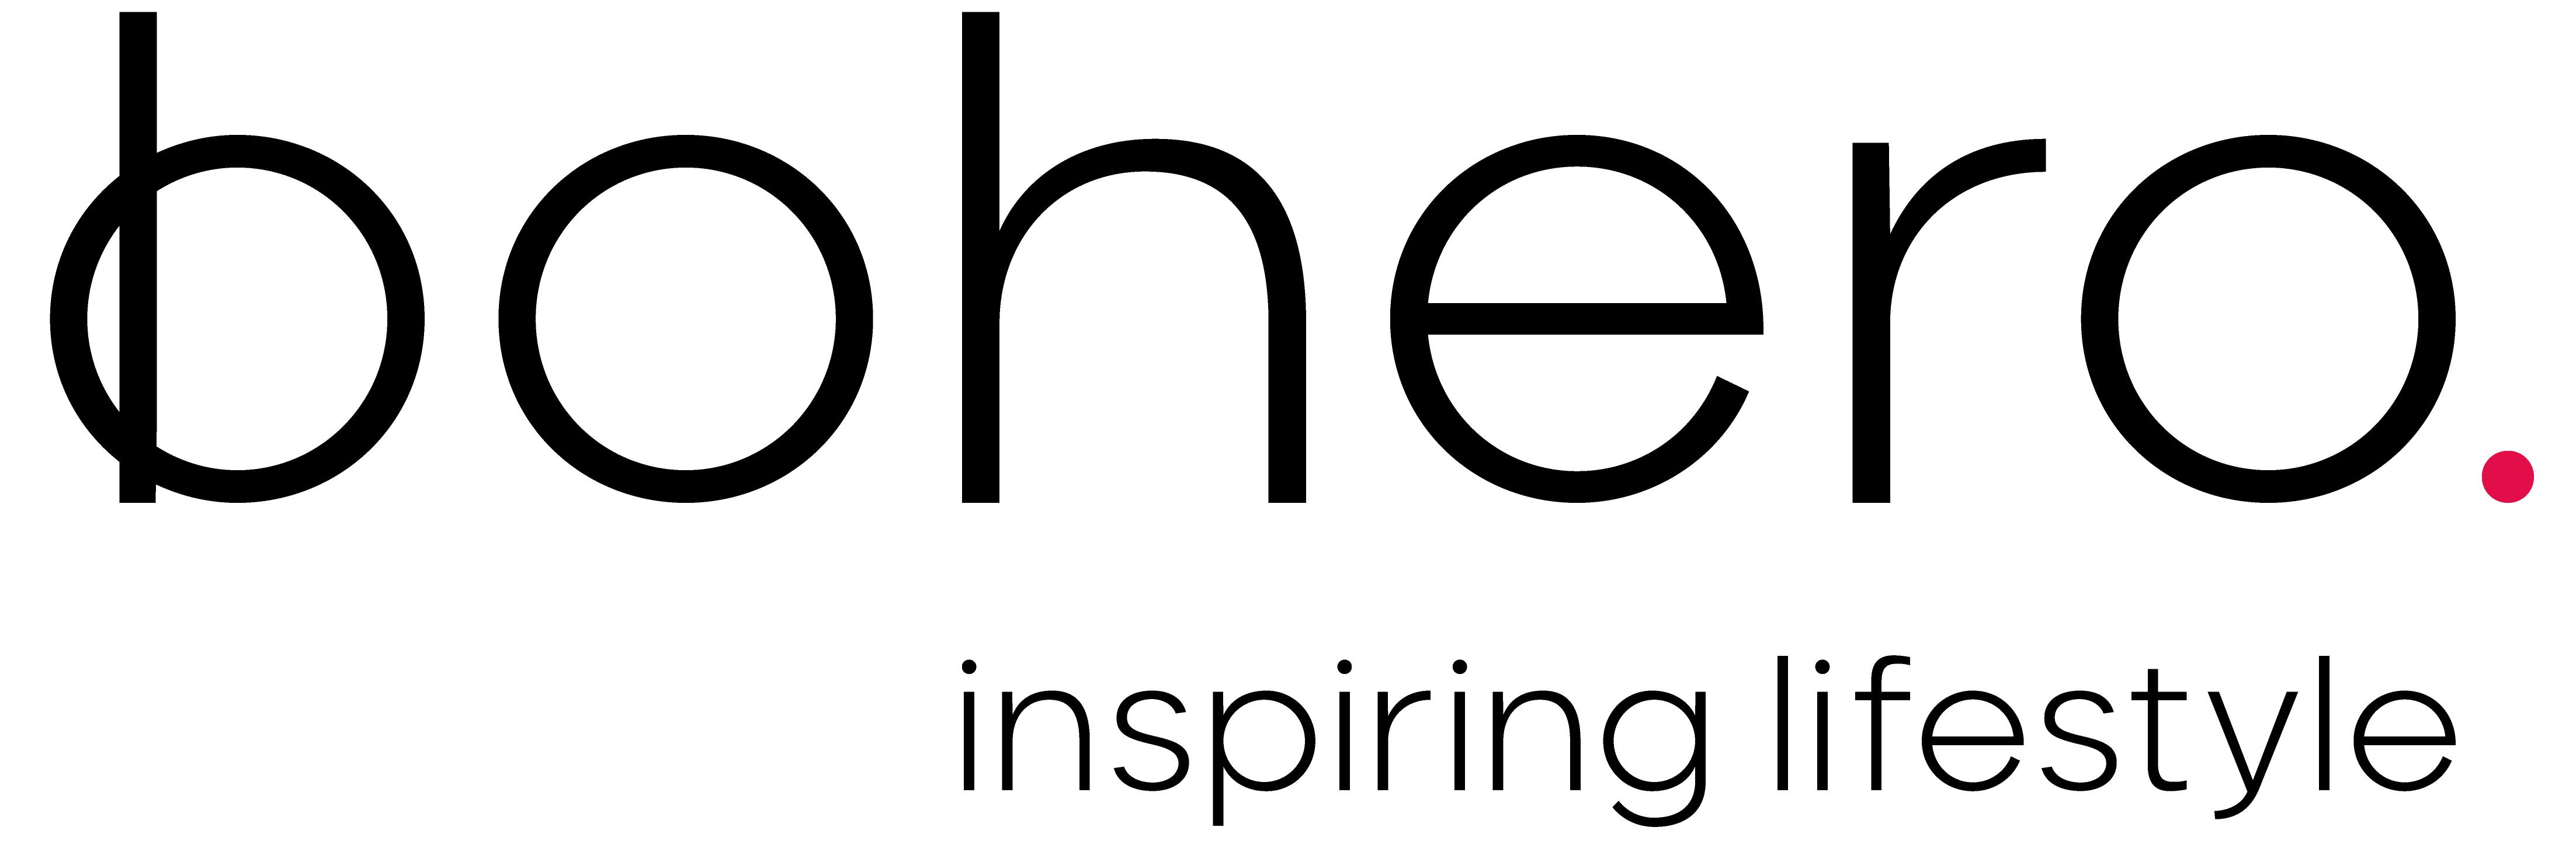 Bohero - inspiring lifestyle promotie : Dag van de webshop